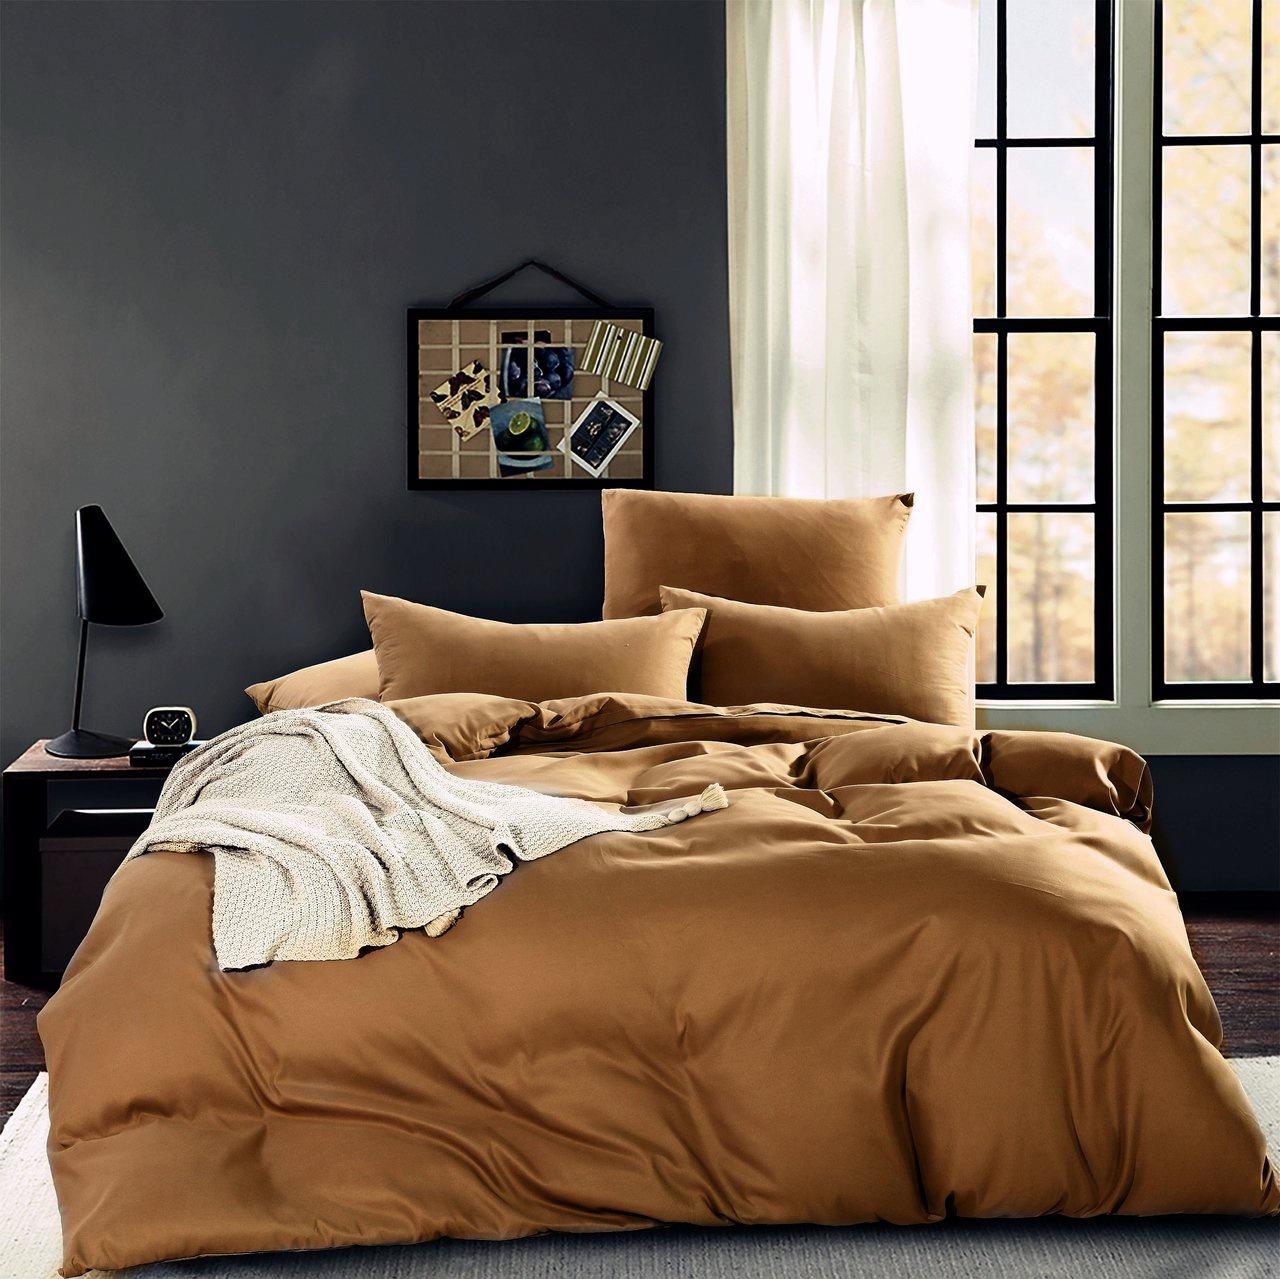 Комплект постельного белья Ситрейд CS005-E 4 Евро, наволочки 4 шт комплект постельного белья ситрейд ac053 e 4 евро наволочки 4 шт